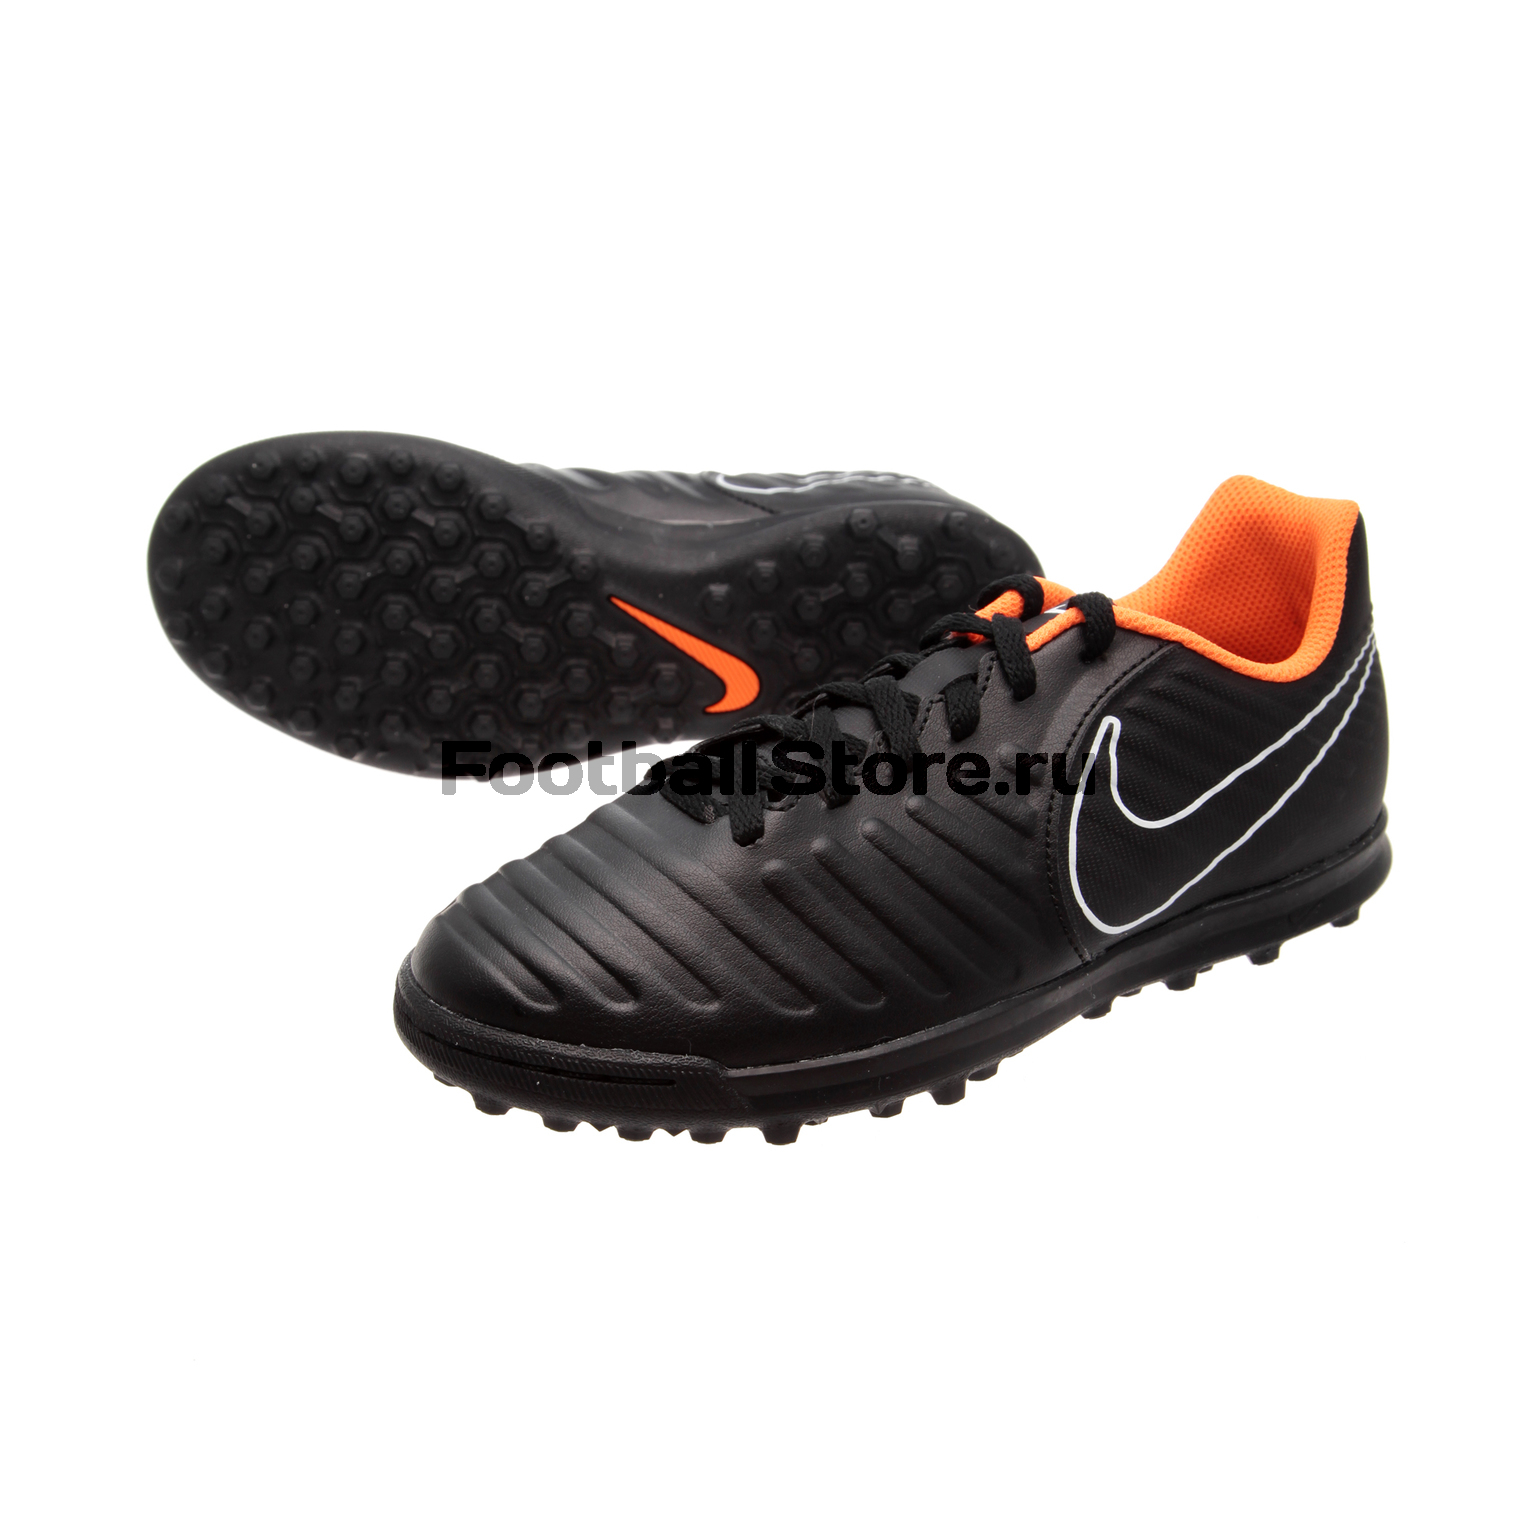 Шиповки детские Nike LegendX Club TF AH7261-080 шиповки nike lunar legendx 7 pro tf ah7249 080